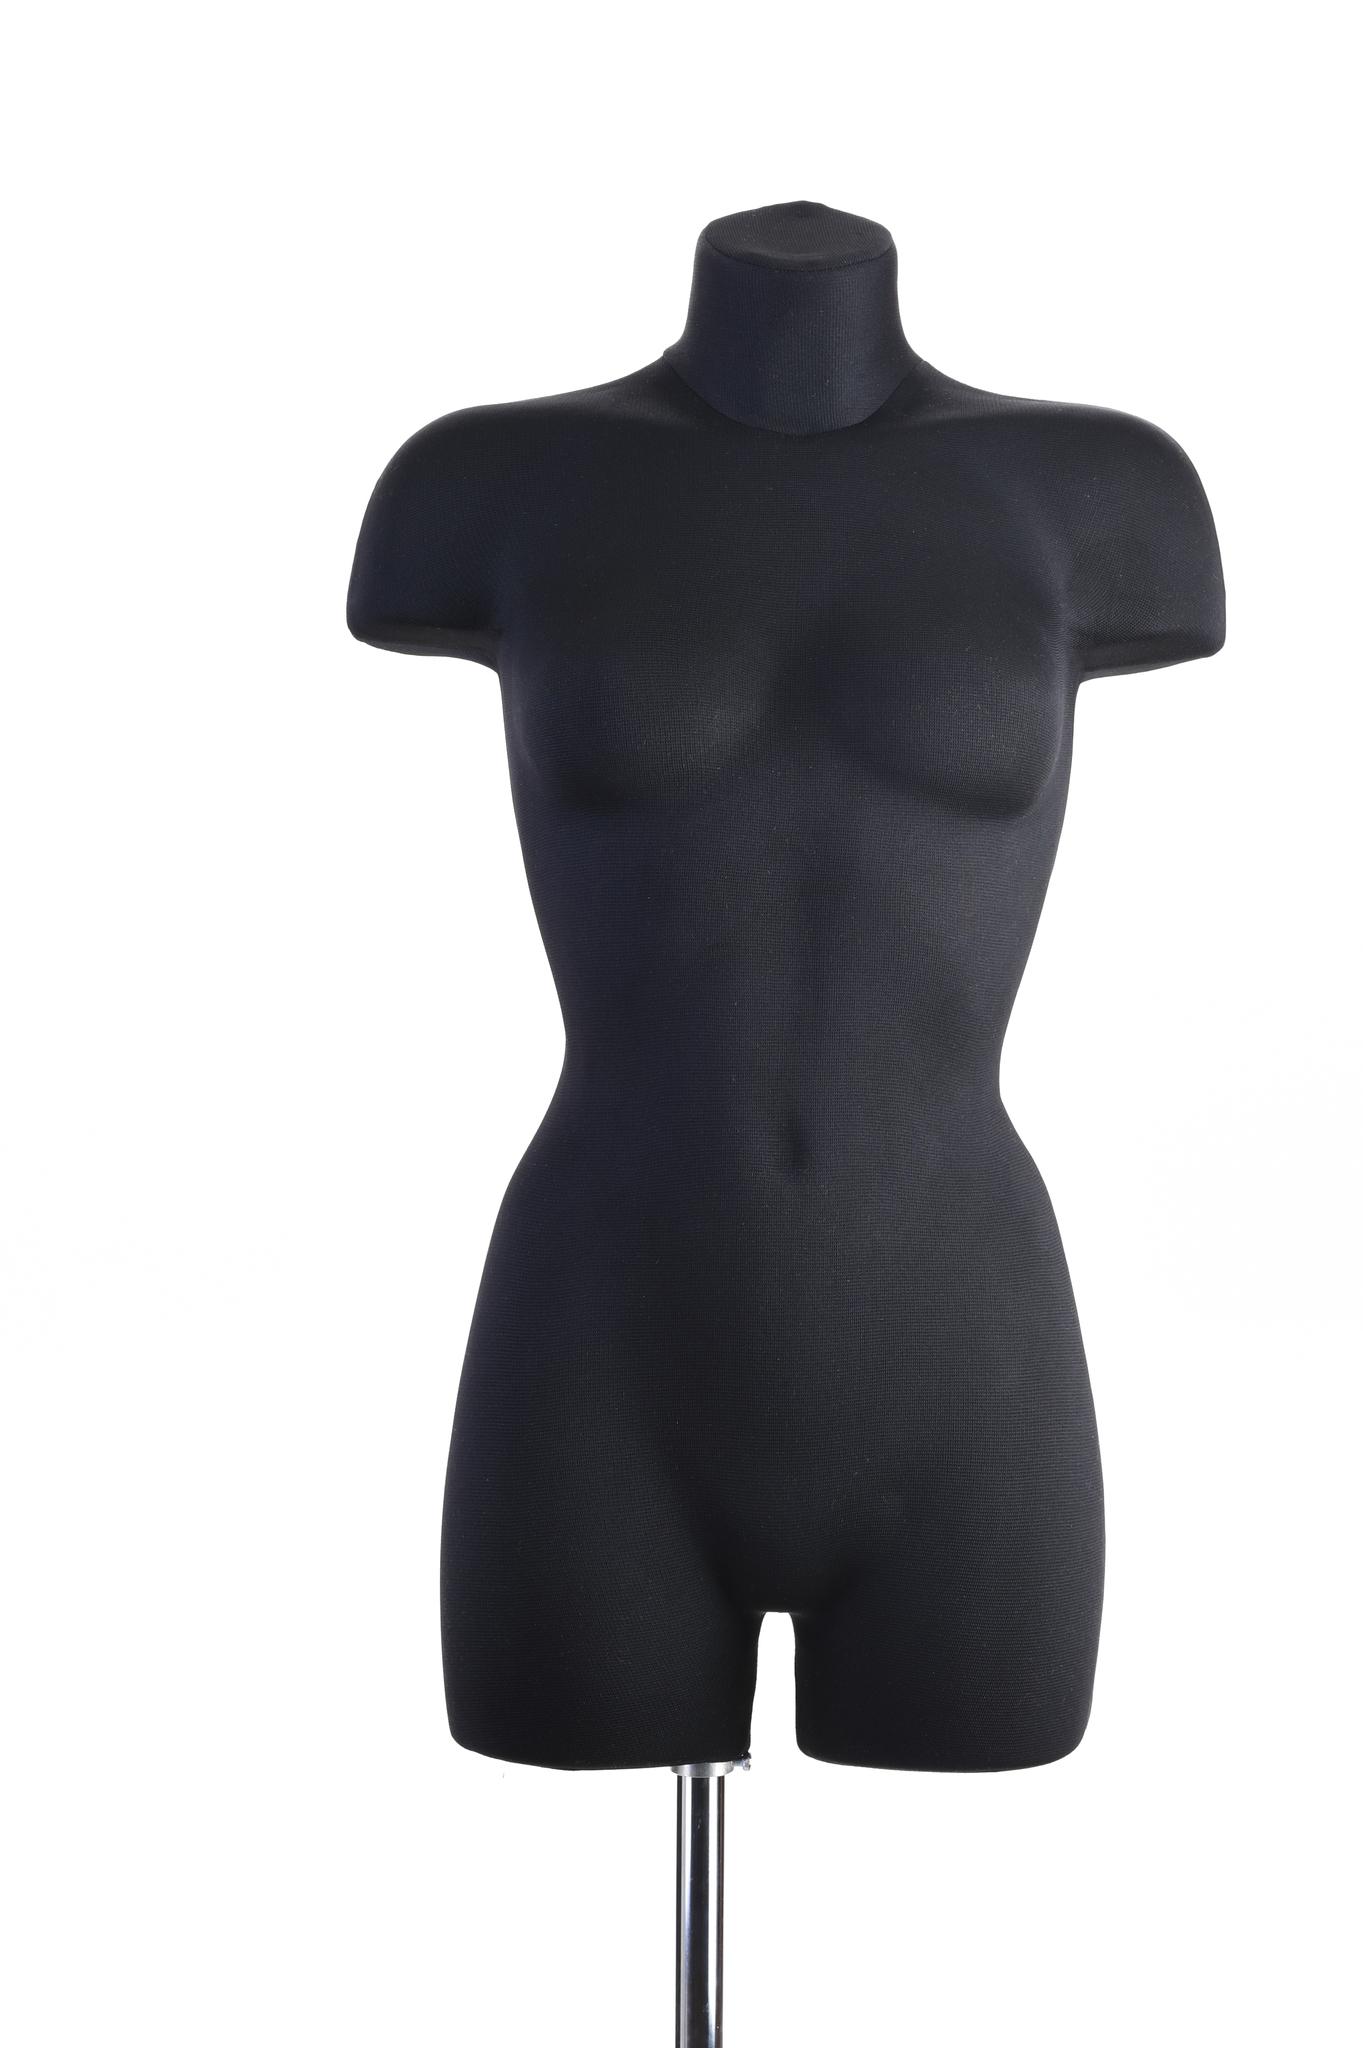 Демонстрационный женский манекен с выраженным рельефом 44-46 размер (черный)